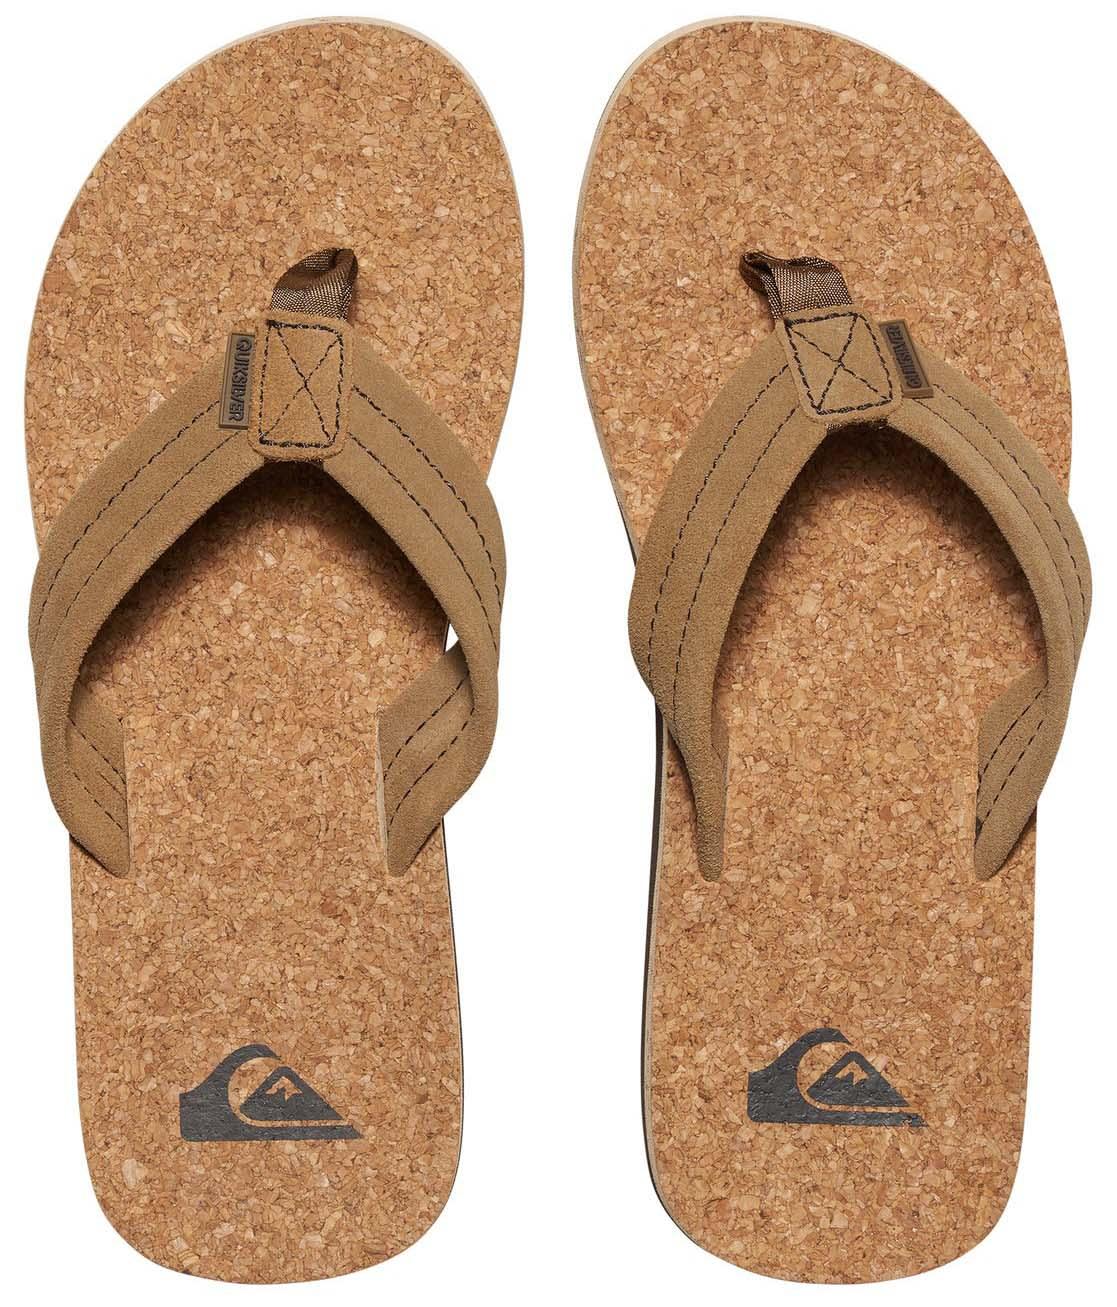 1297c06e6651 Quiksilver Carver Cork Sandals - thumbnail 3